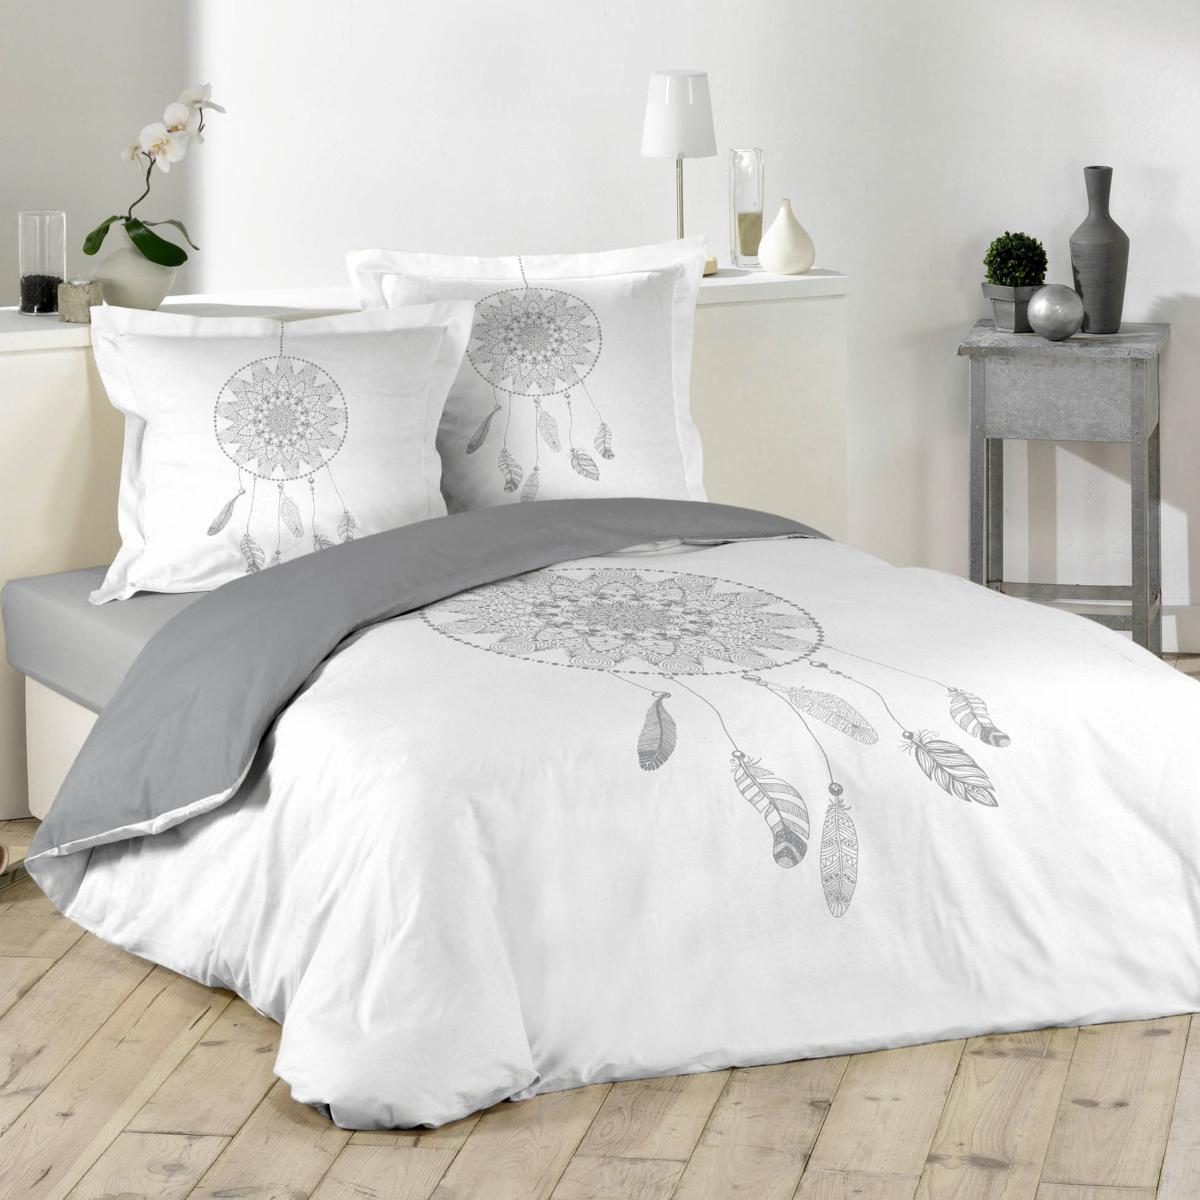 parure housse de couette reveline attrape r ve j k markets. Black Bedroom Furniture Sets. Home Design Ideas